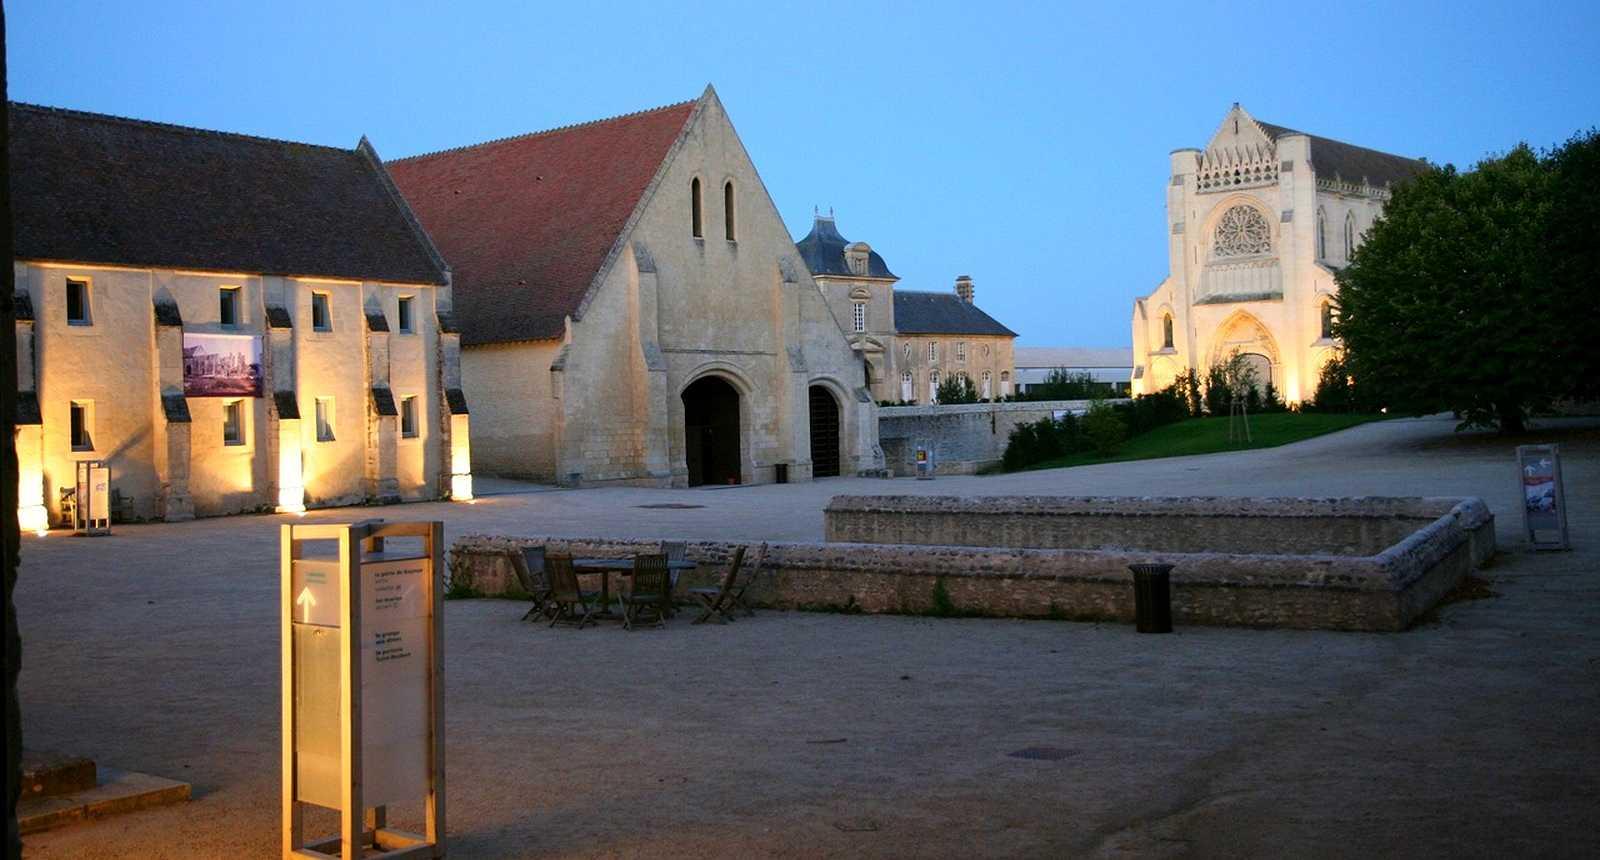 L'Abbaye Notre-Dame d'Ardenne à Saint-Germain-la-Blanche-Herbe